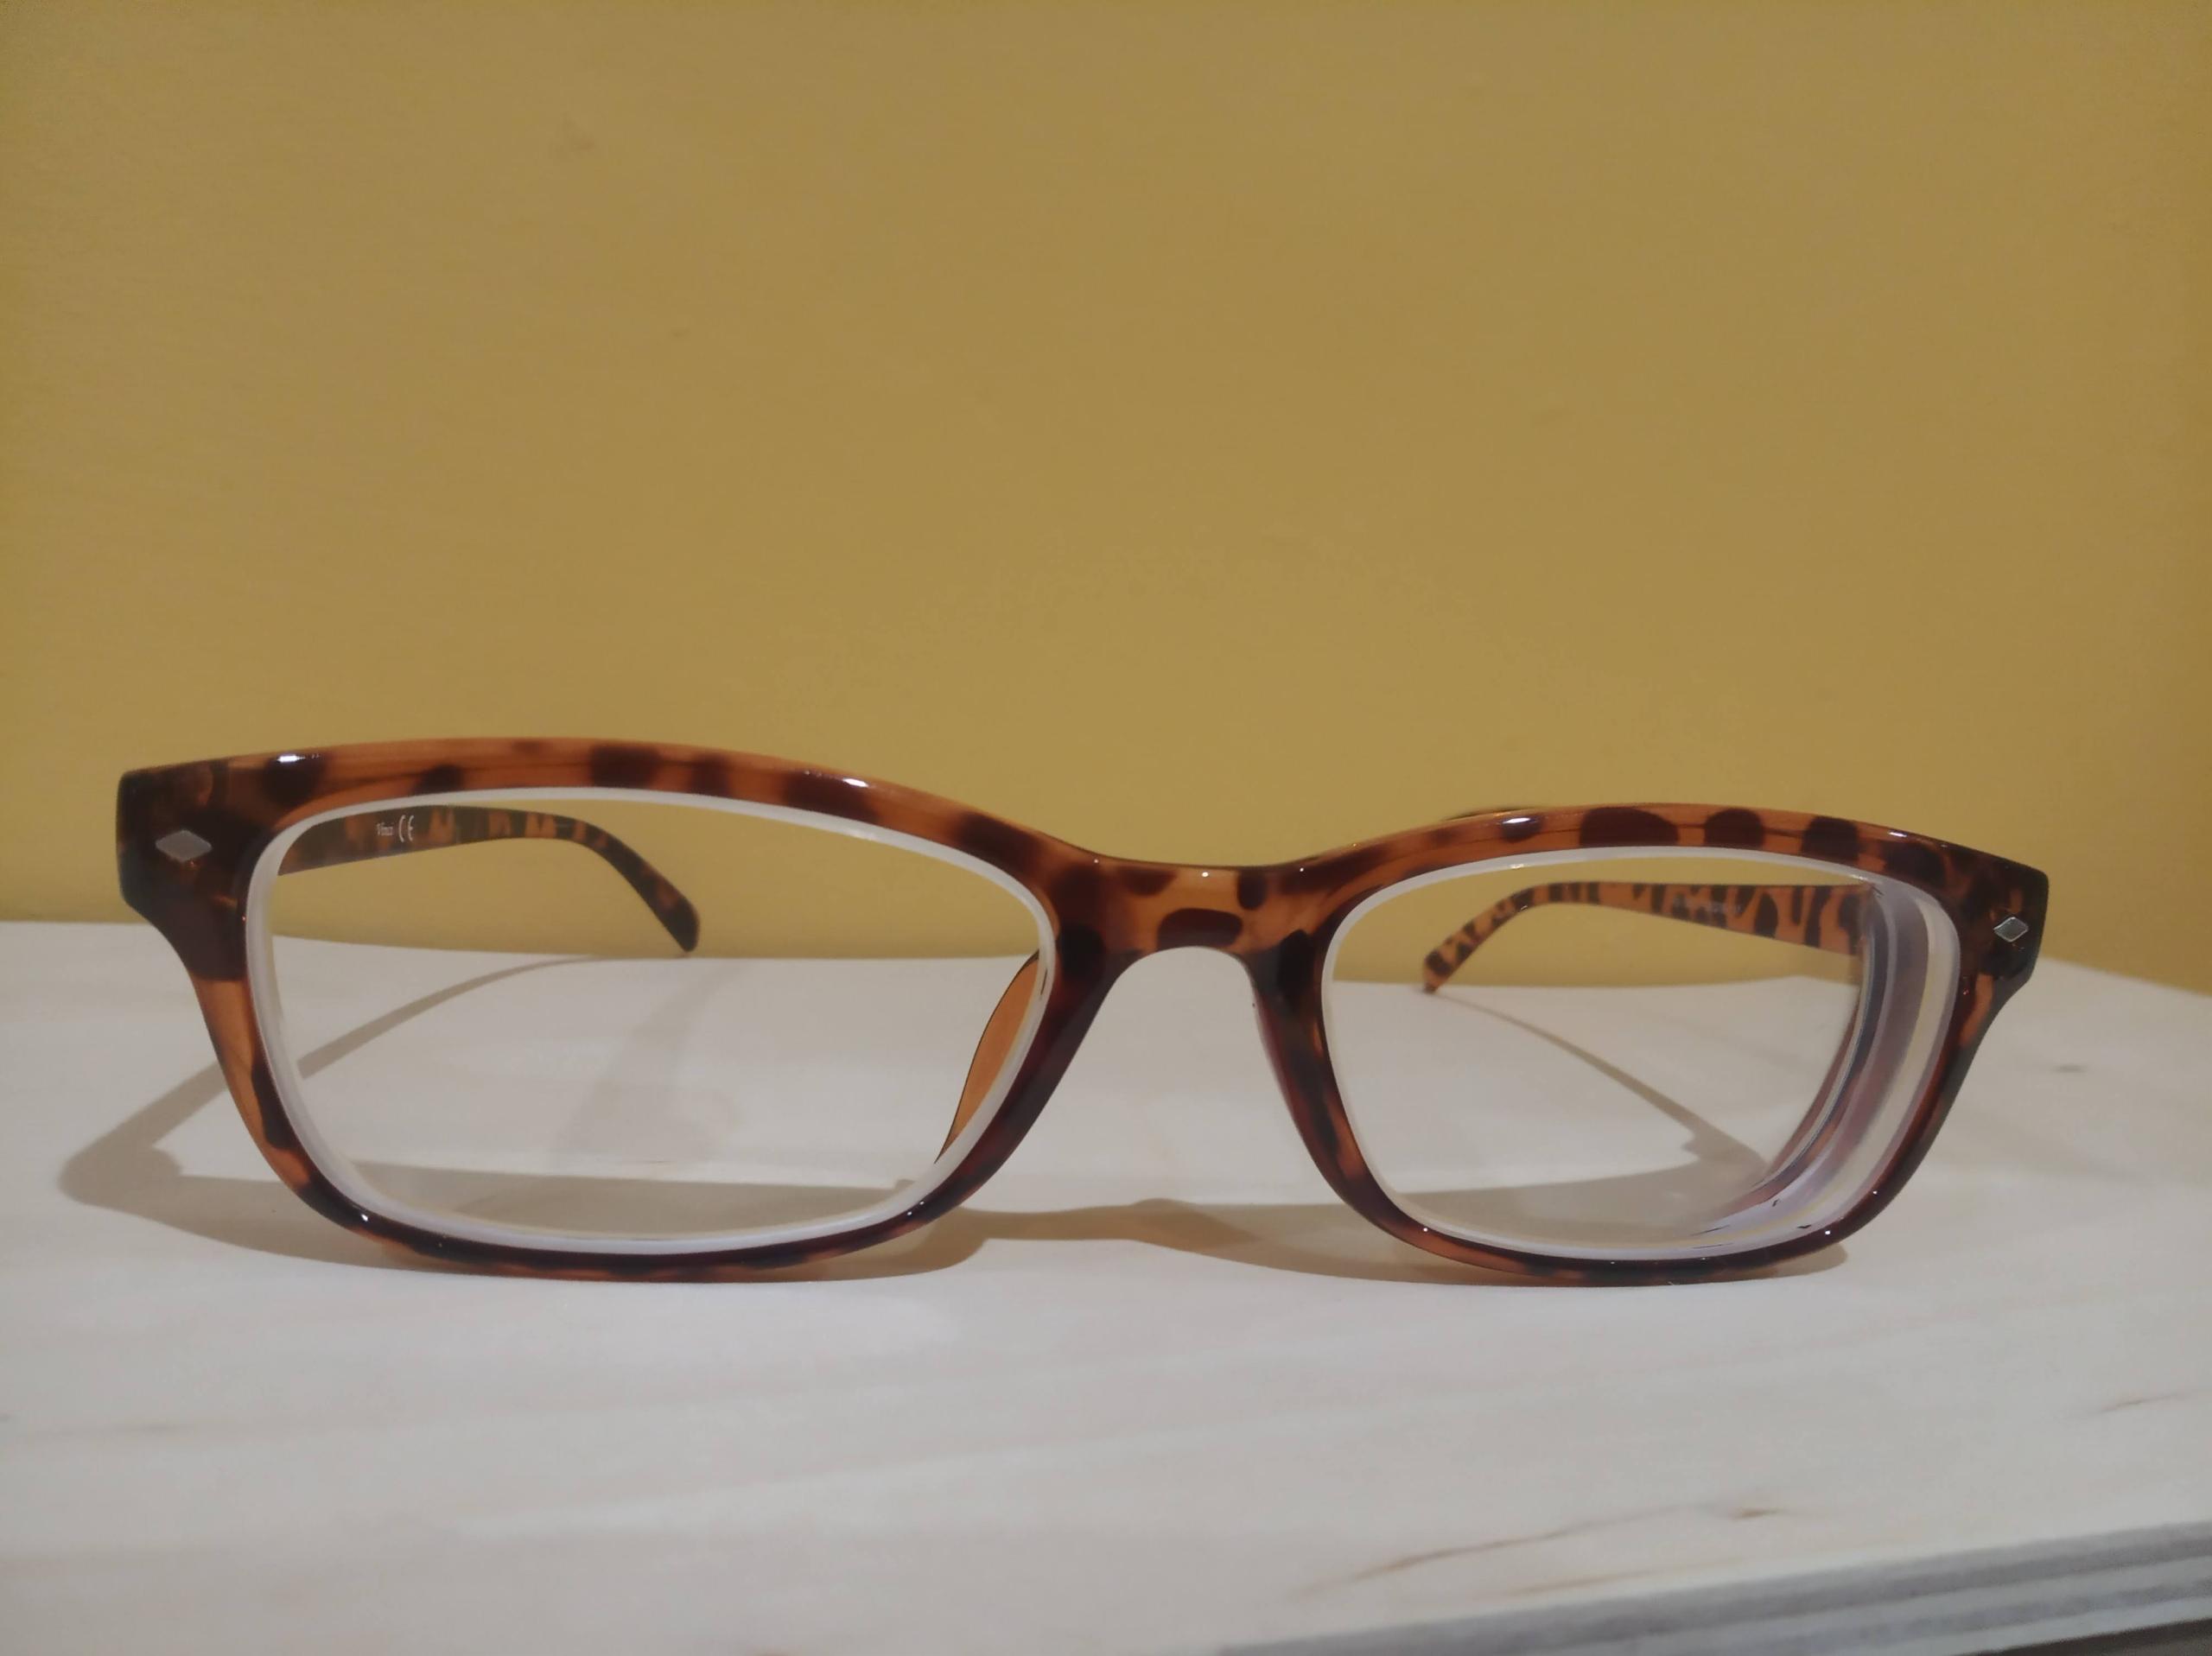 Rámy okuliarov, retro štýl Kasia Tusk